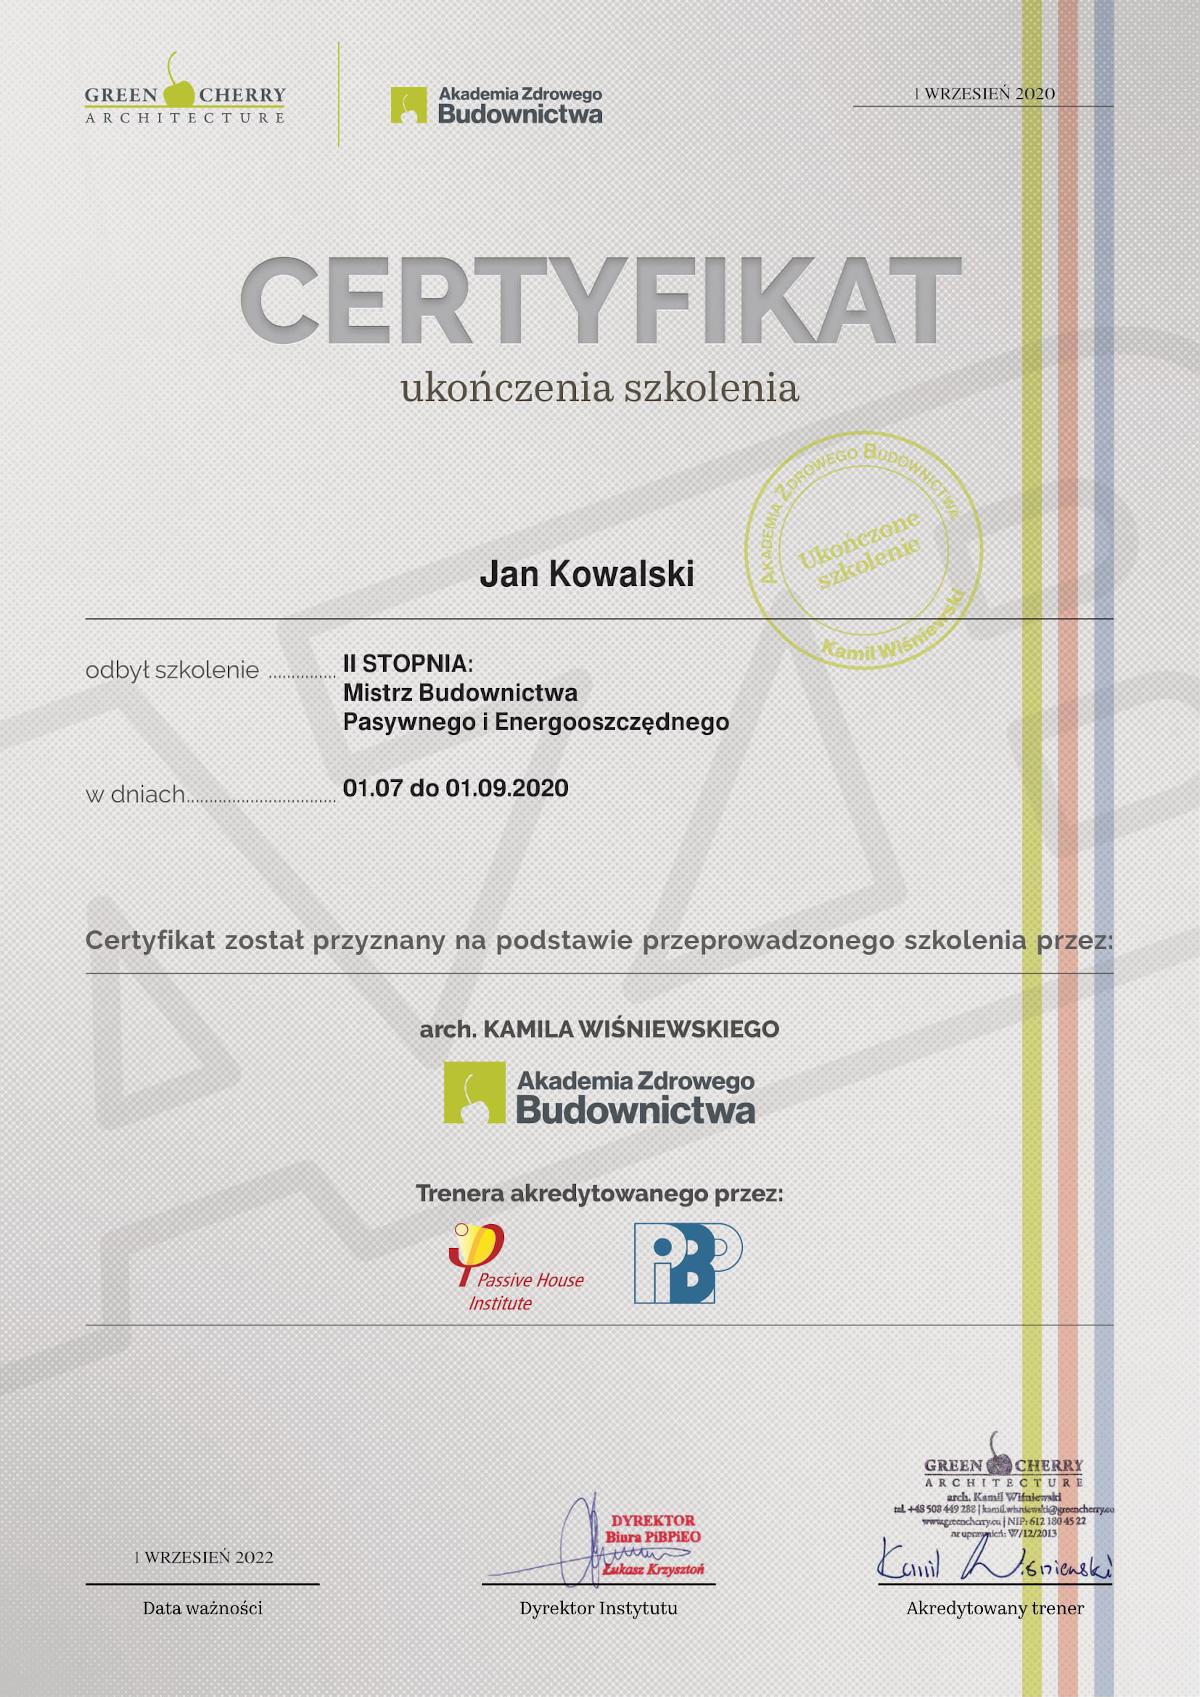 WARIANT A- WZÓR Certyfikatu szkoleń AZB-1